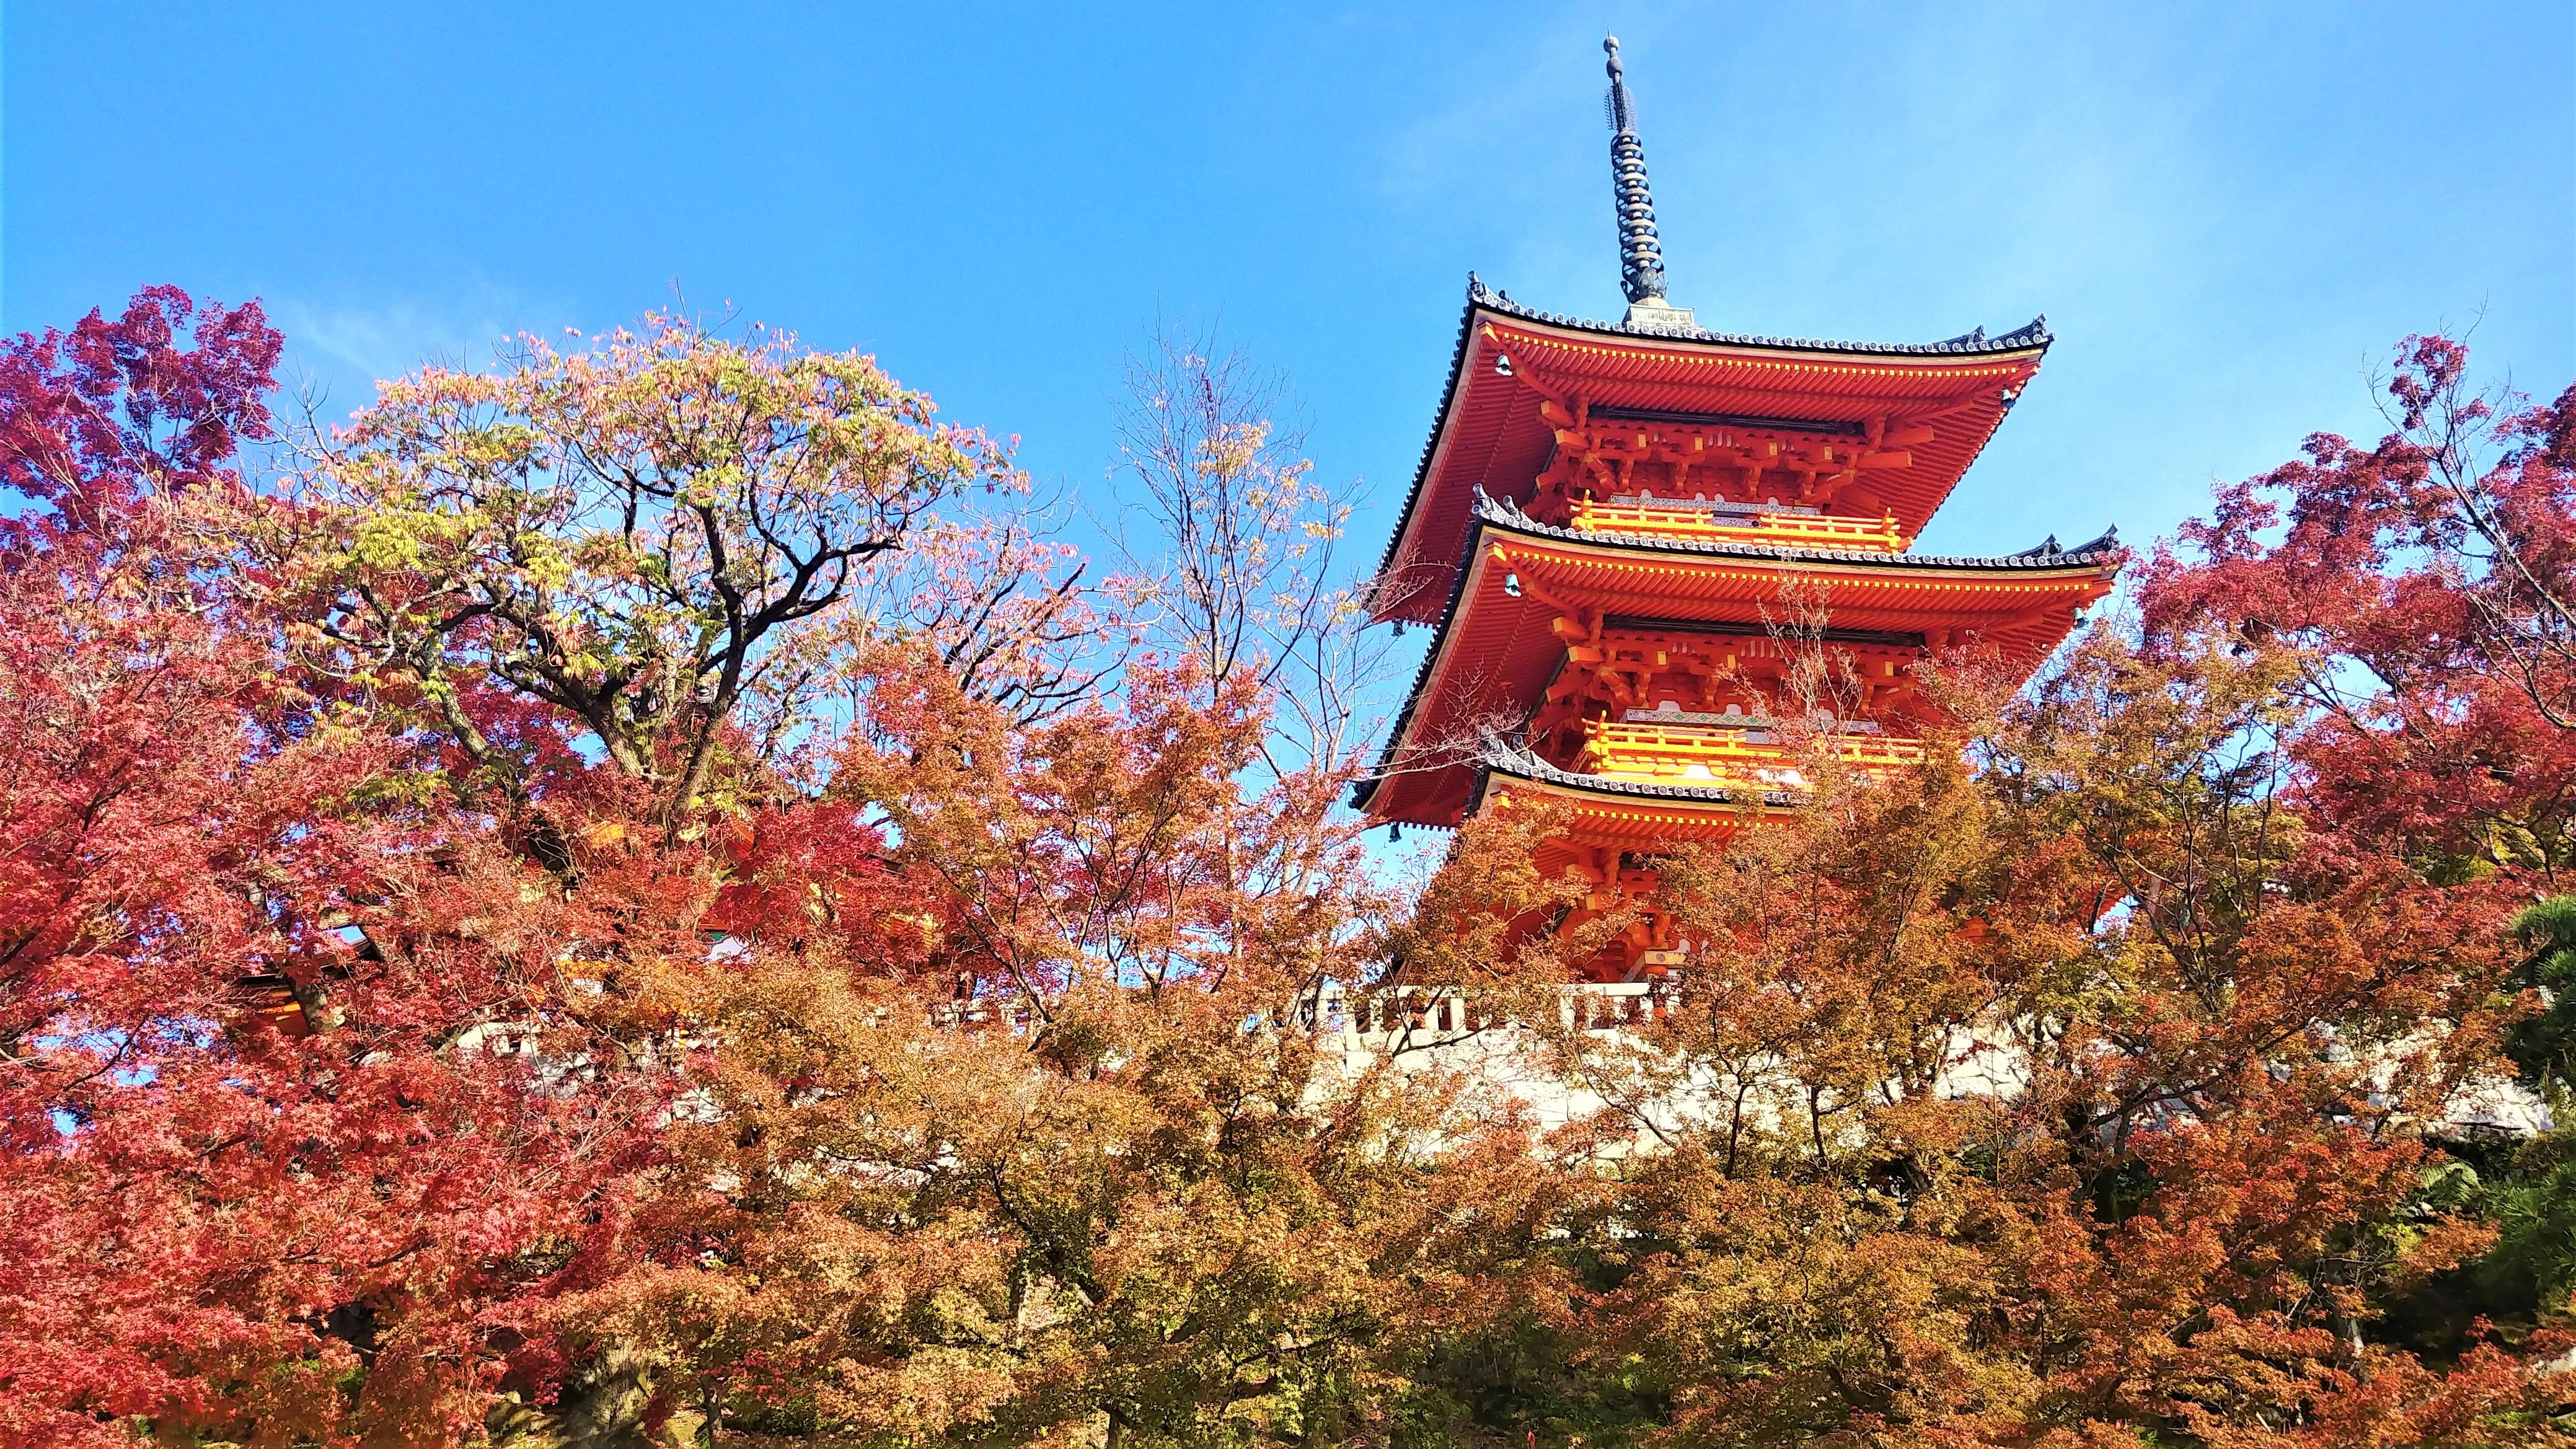 Kyoto automne kiyomizudera japon voyage asie blog arpenter le chemin